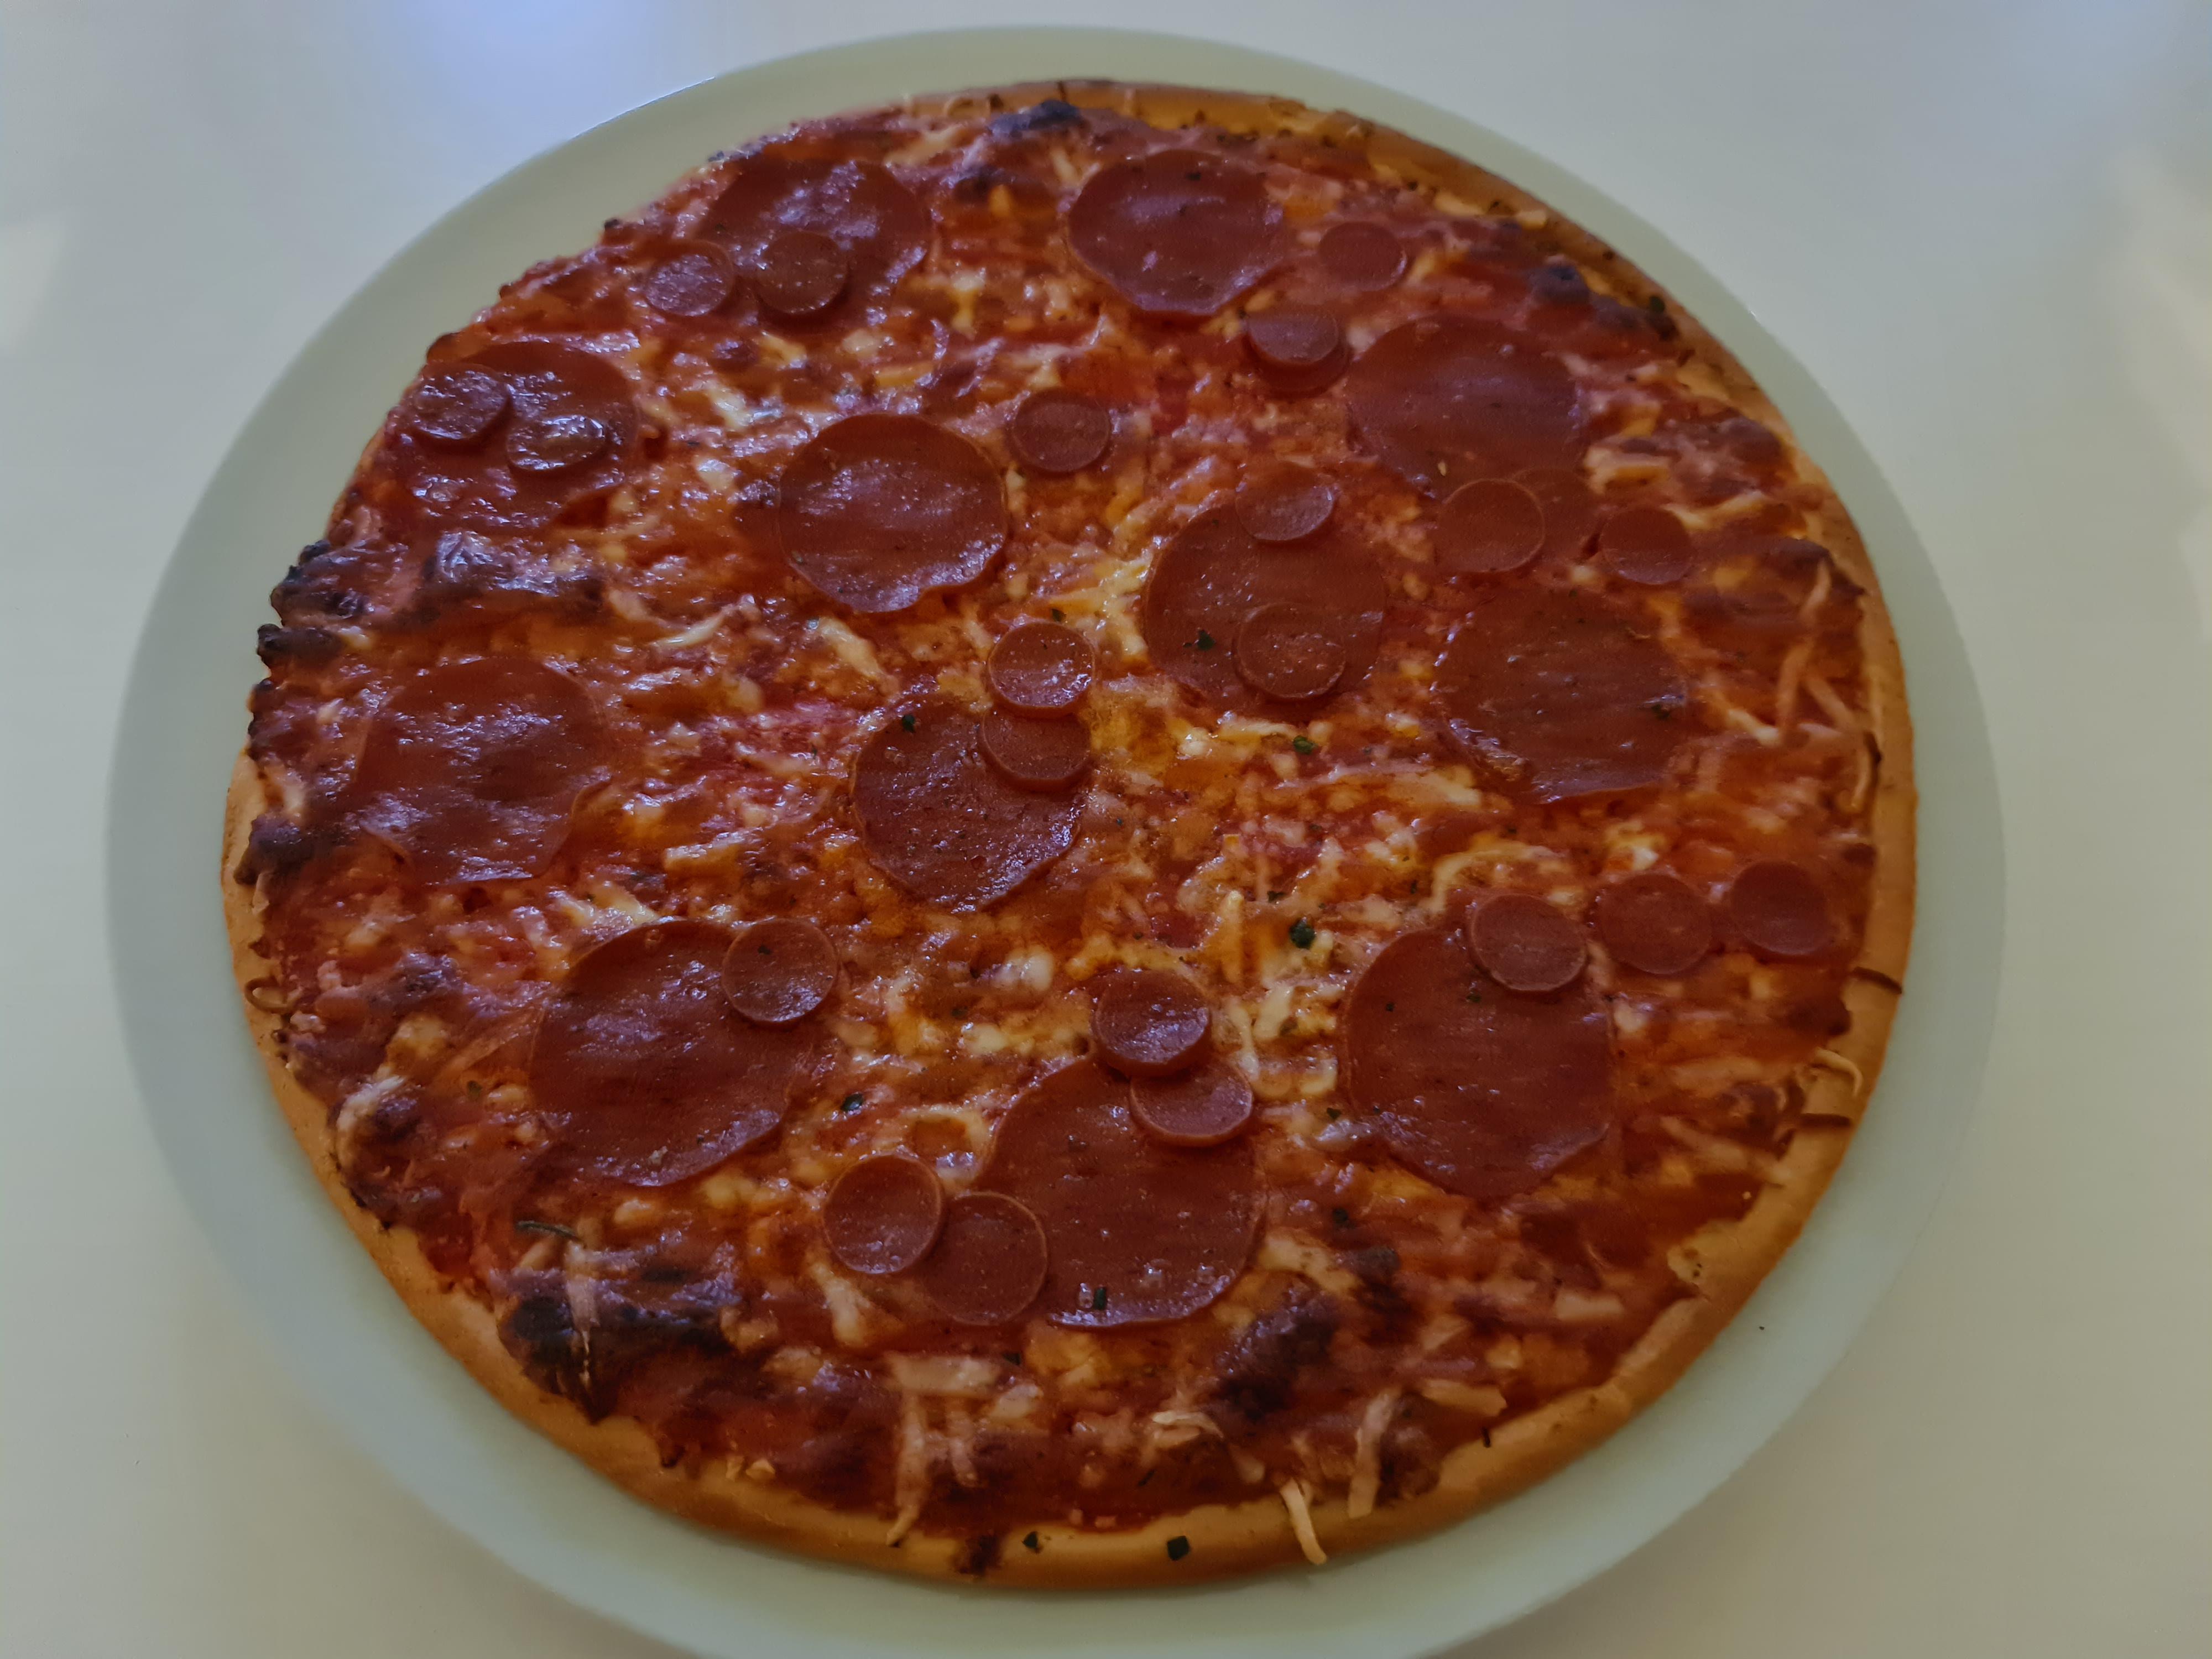 https://foodloader.net/Holz_2020-04-15_Pizza.jpg